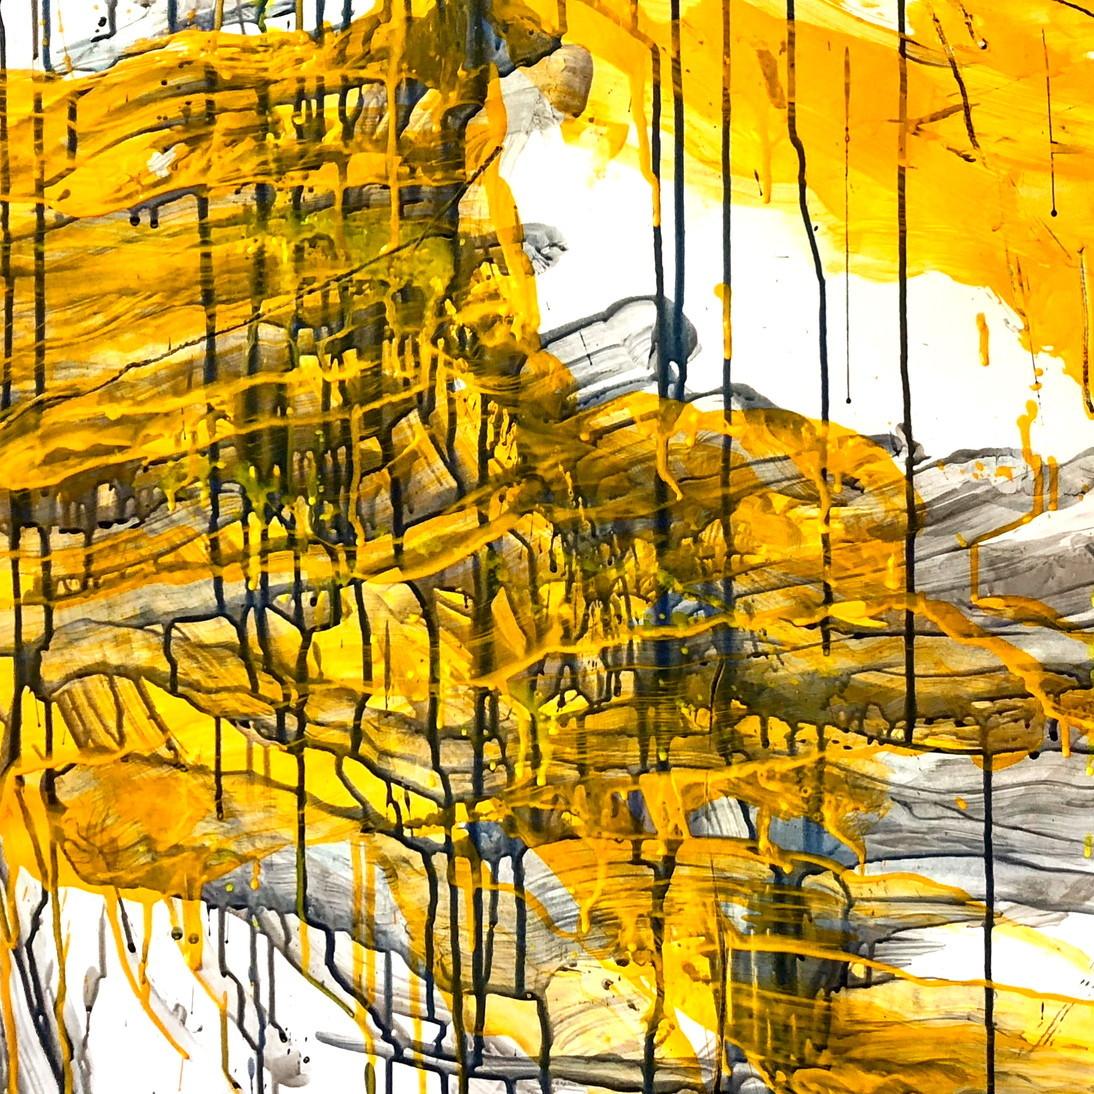 絵画 インテリア アートパネル 雑貨 壁掛け 置物 おしゃれ 抽象画 現代アート ロココロ 画家 : tamajapan 作品 : t-29